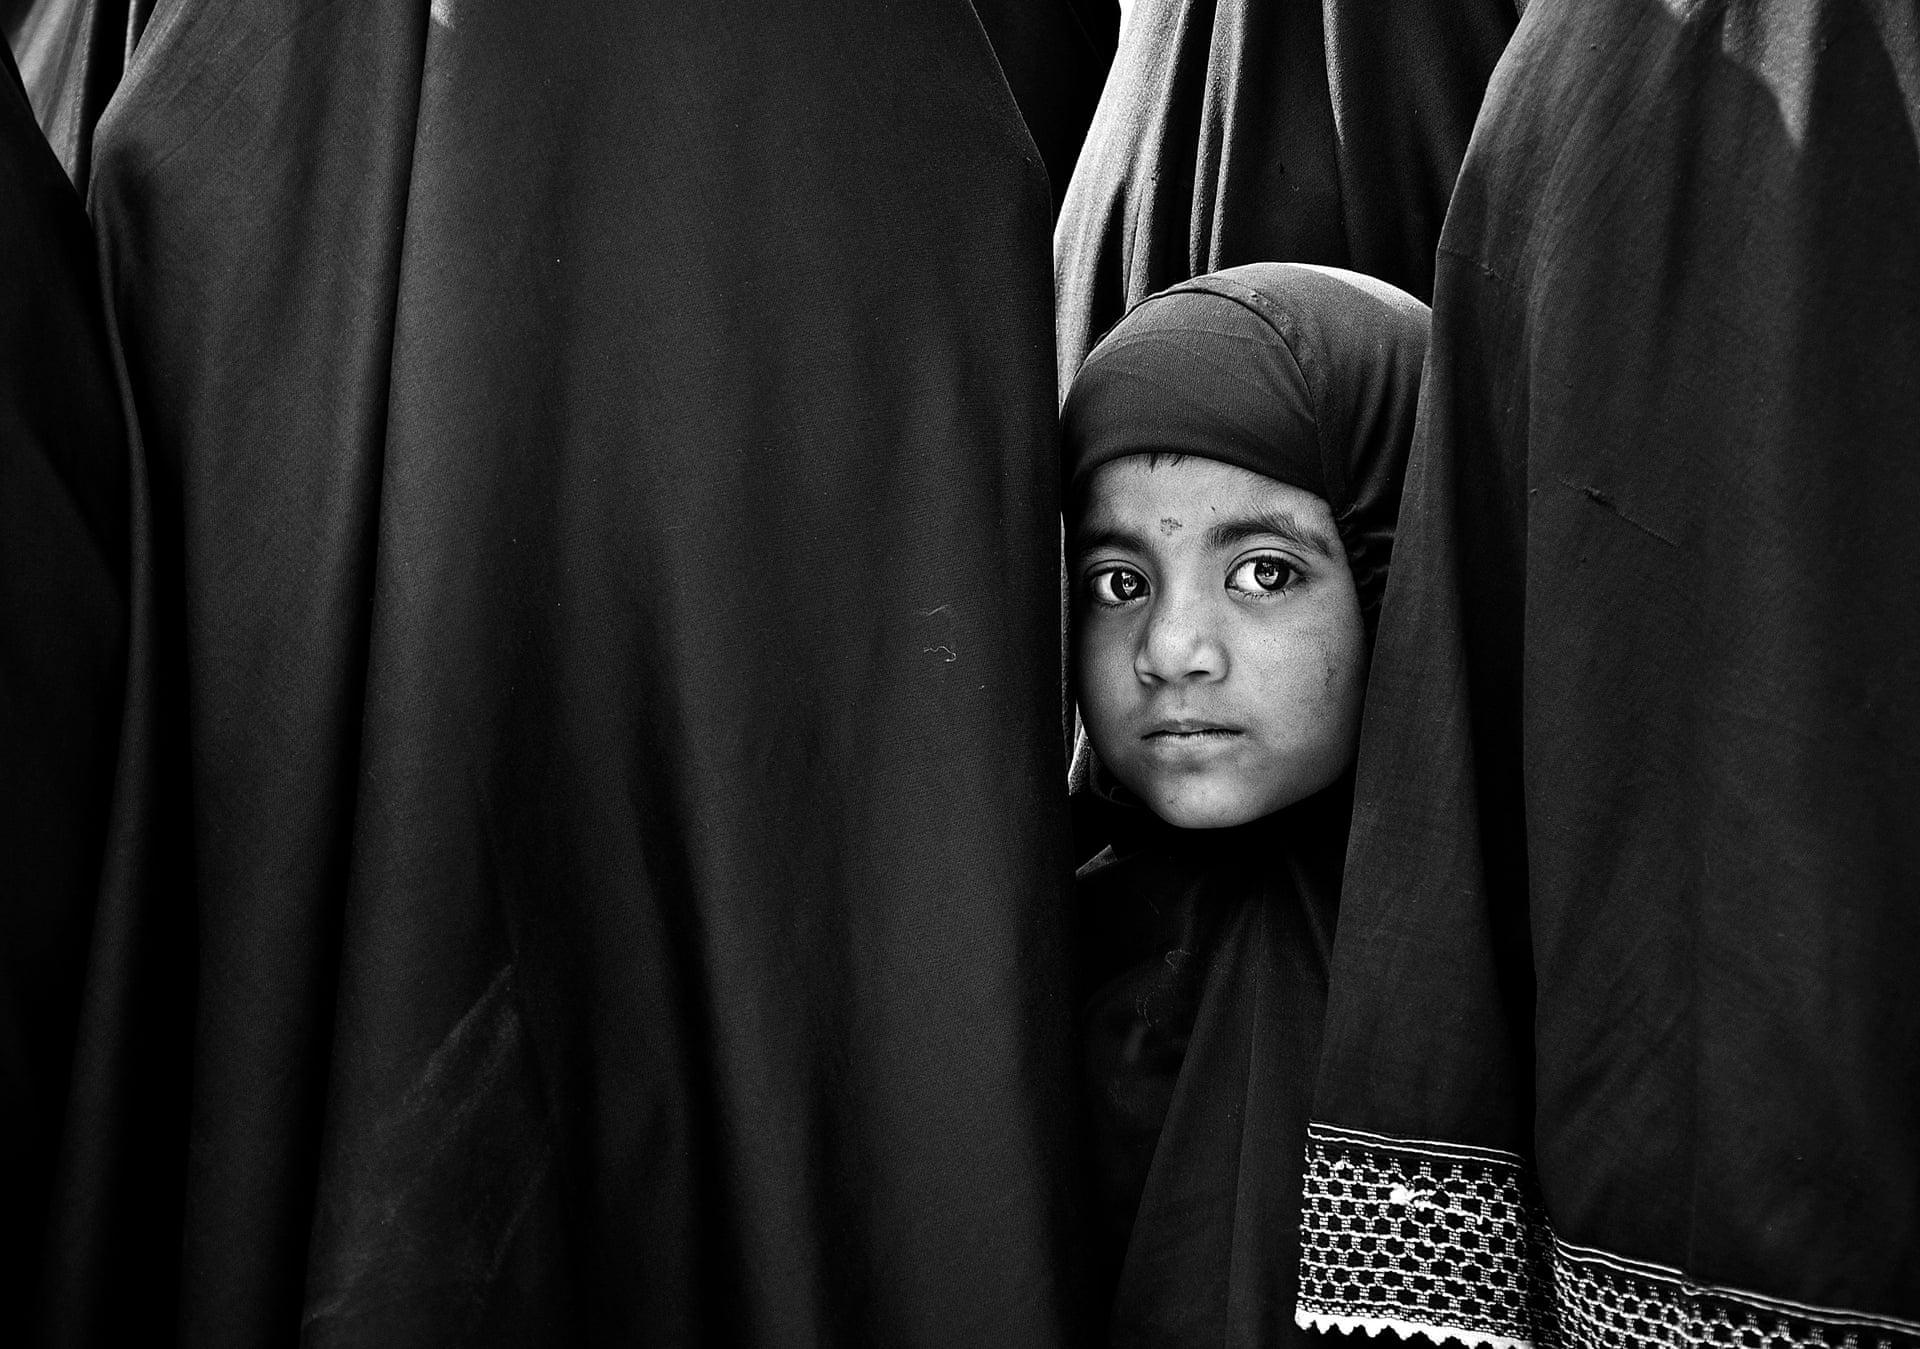 «Το Πρόσωπο της Ελευθερίας». Το κοριτσάκι ξεπροβάλλει ανάμεσα από τους μεγαλύτερους της, σε μία εικόνα που συμβολίζει την ικανότητα να κοιτάς πέρα από τα θρησκευτικά εμπόδια που υπάρχουν στην κοινωνία